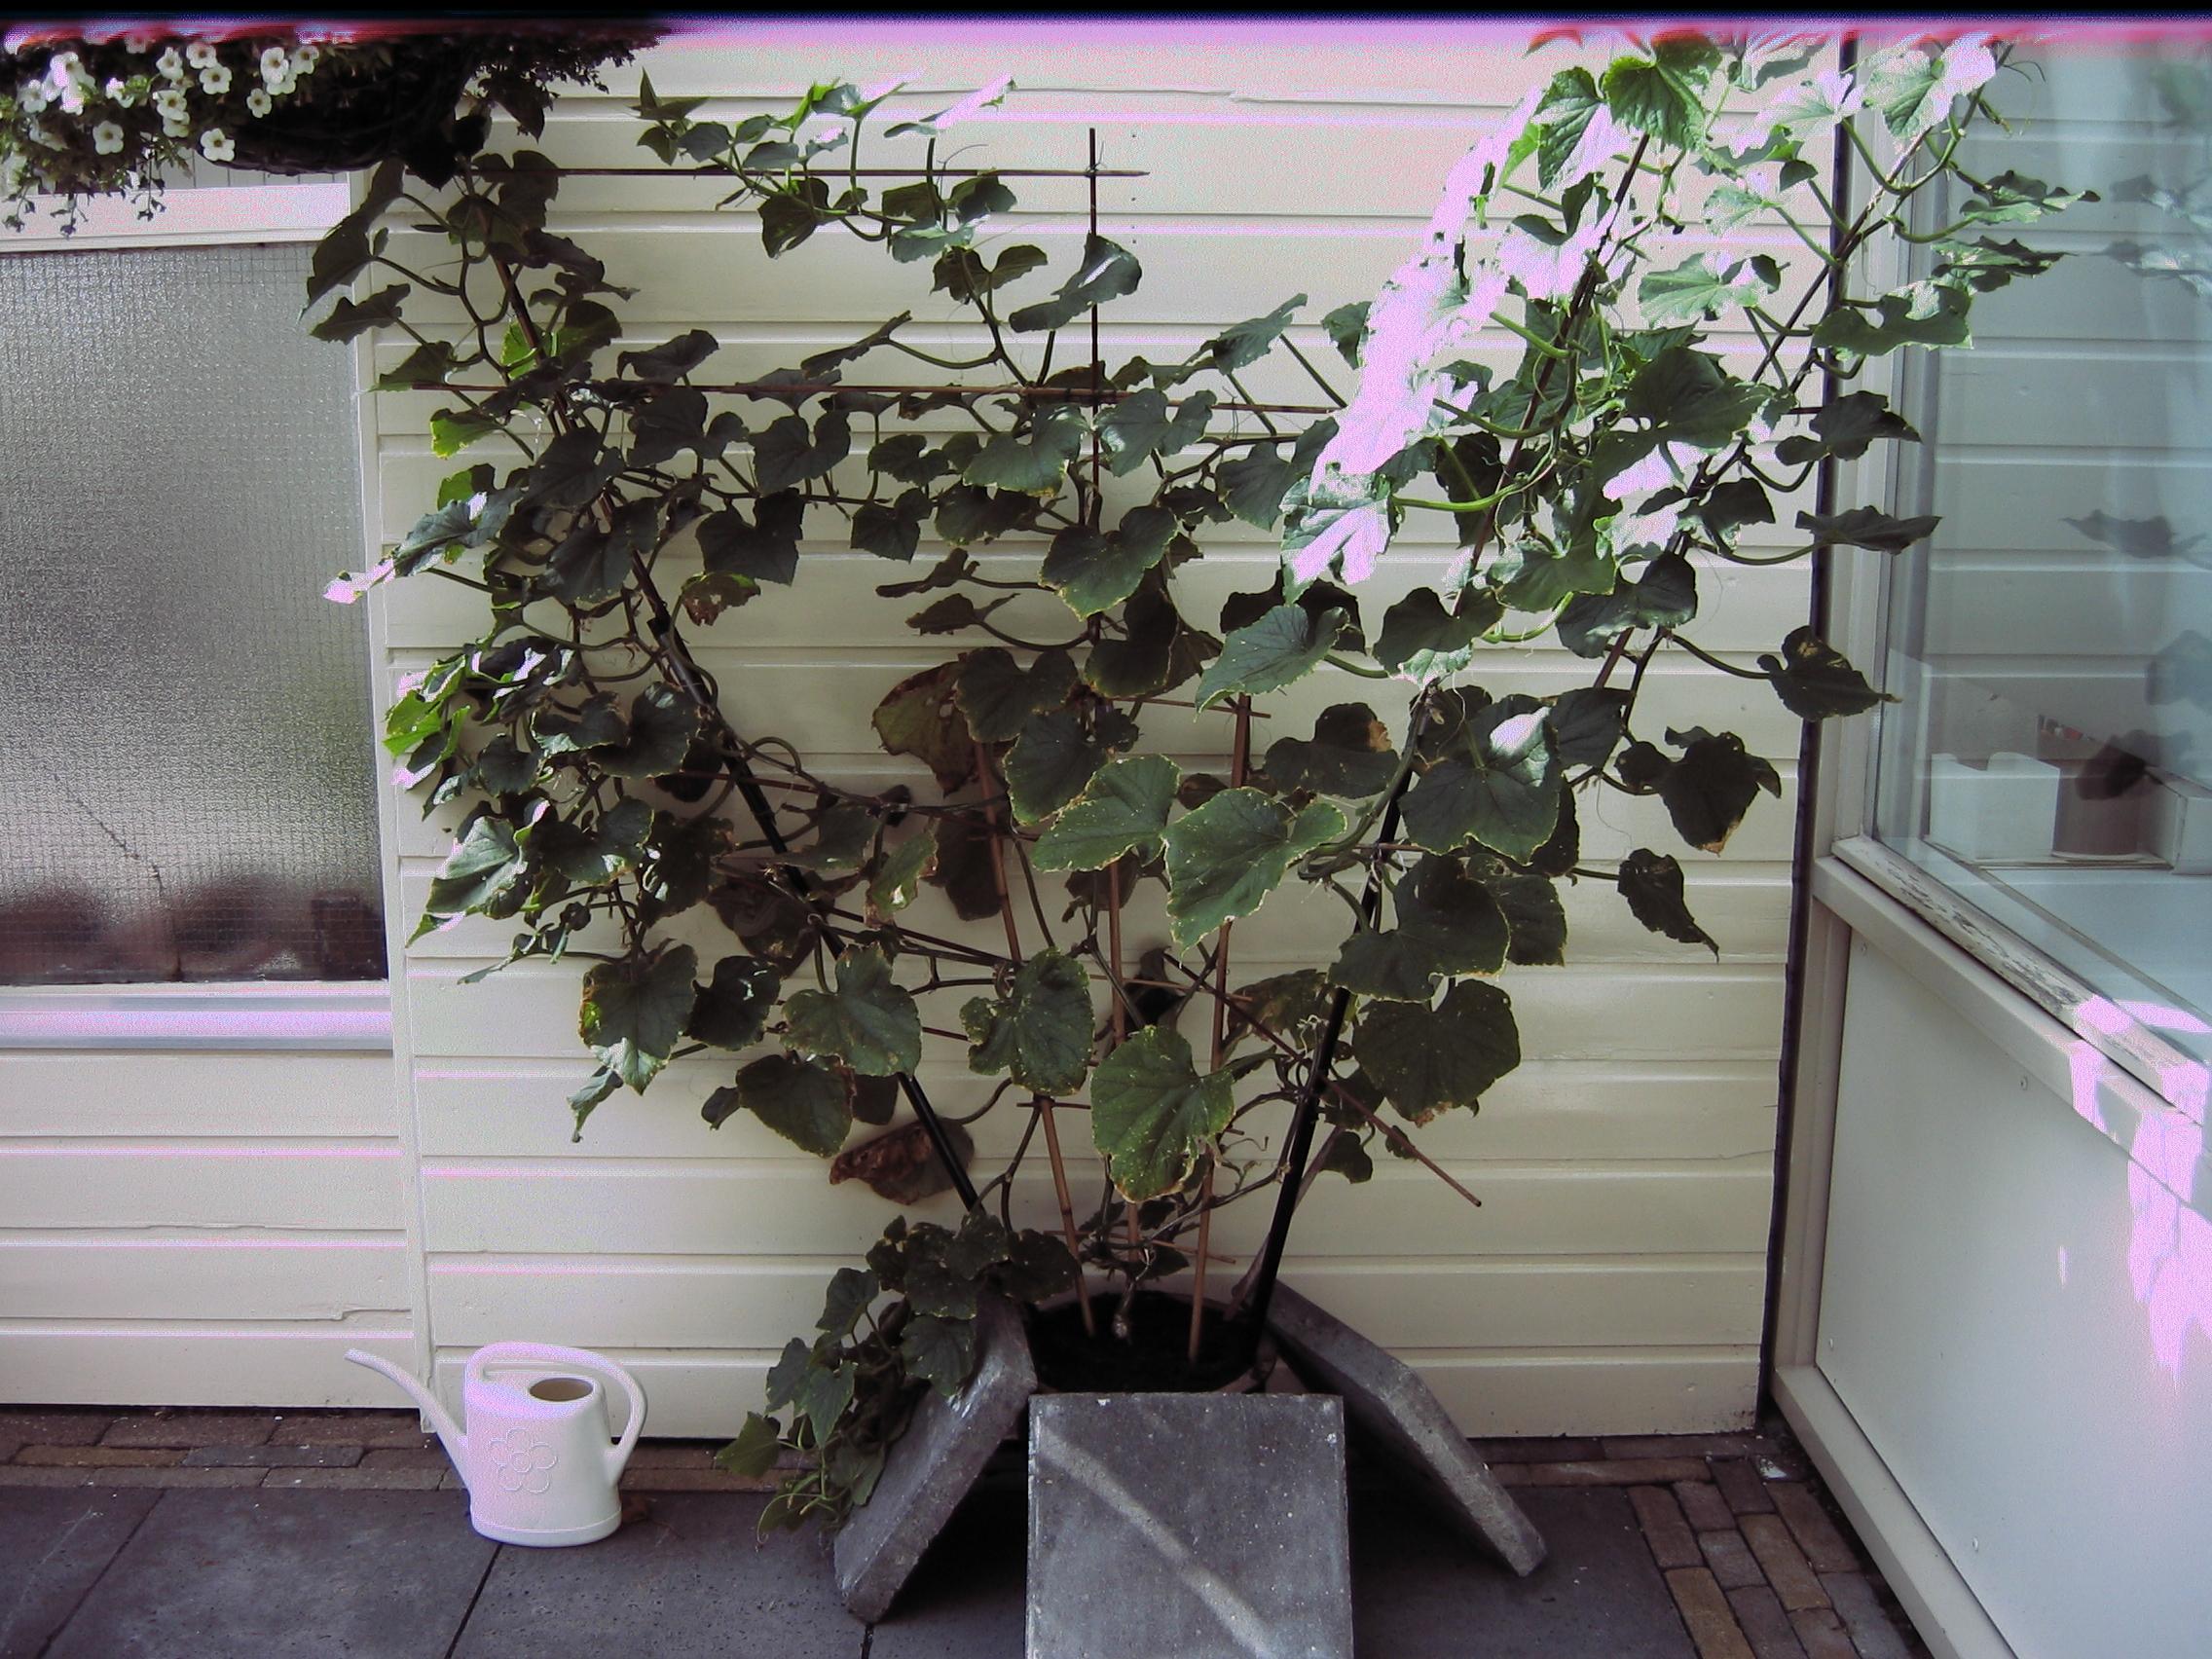 Een prachtige plant minikomkommers, ingezonden door Loes.